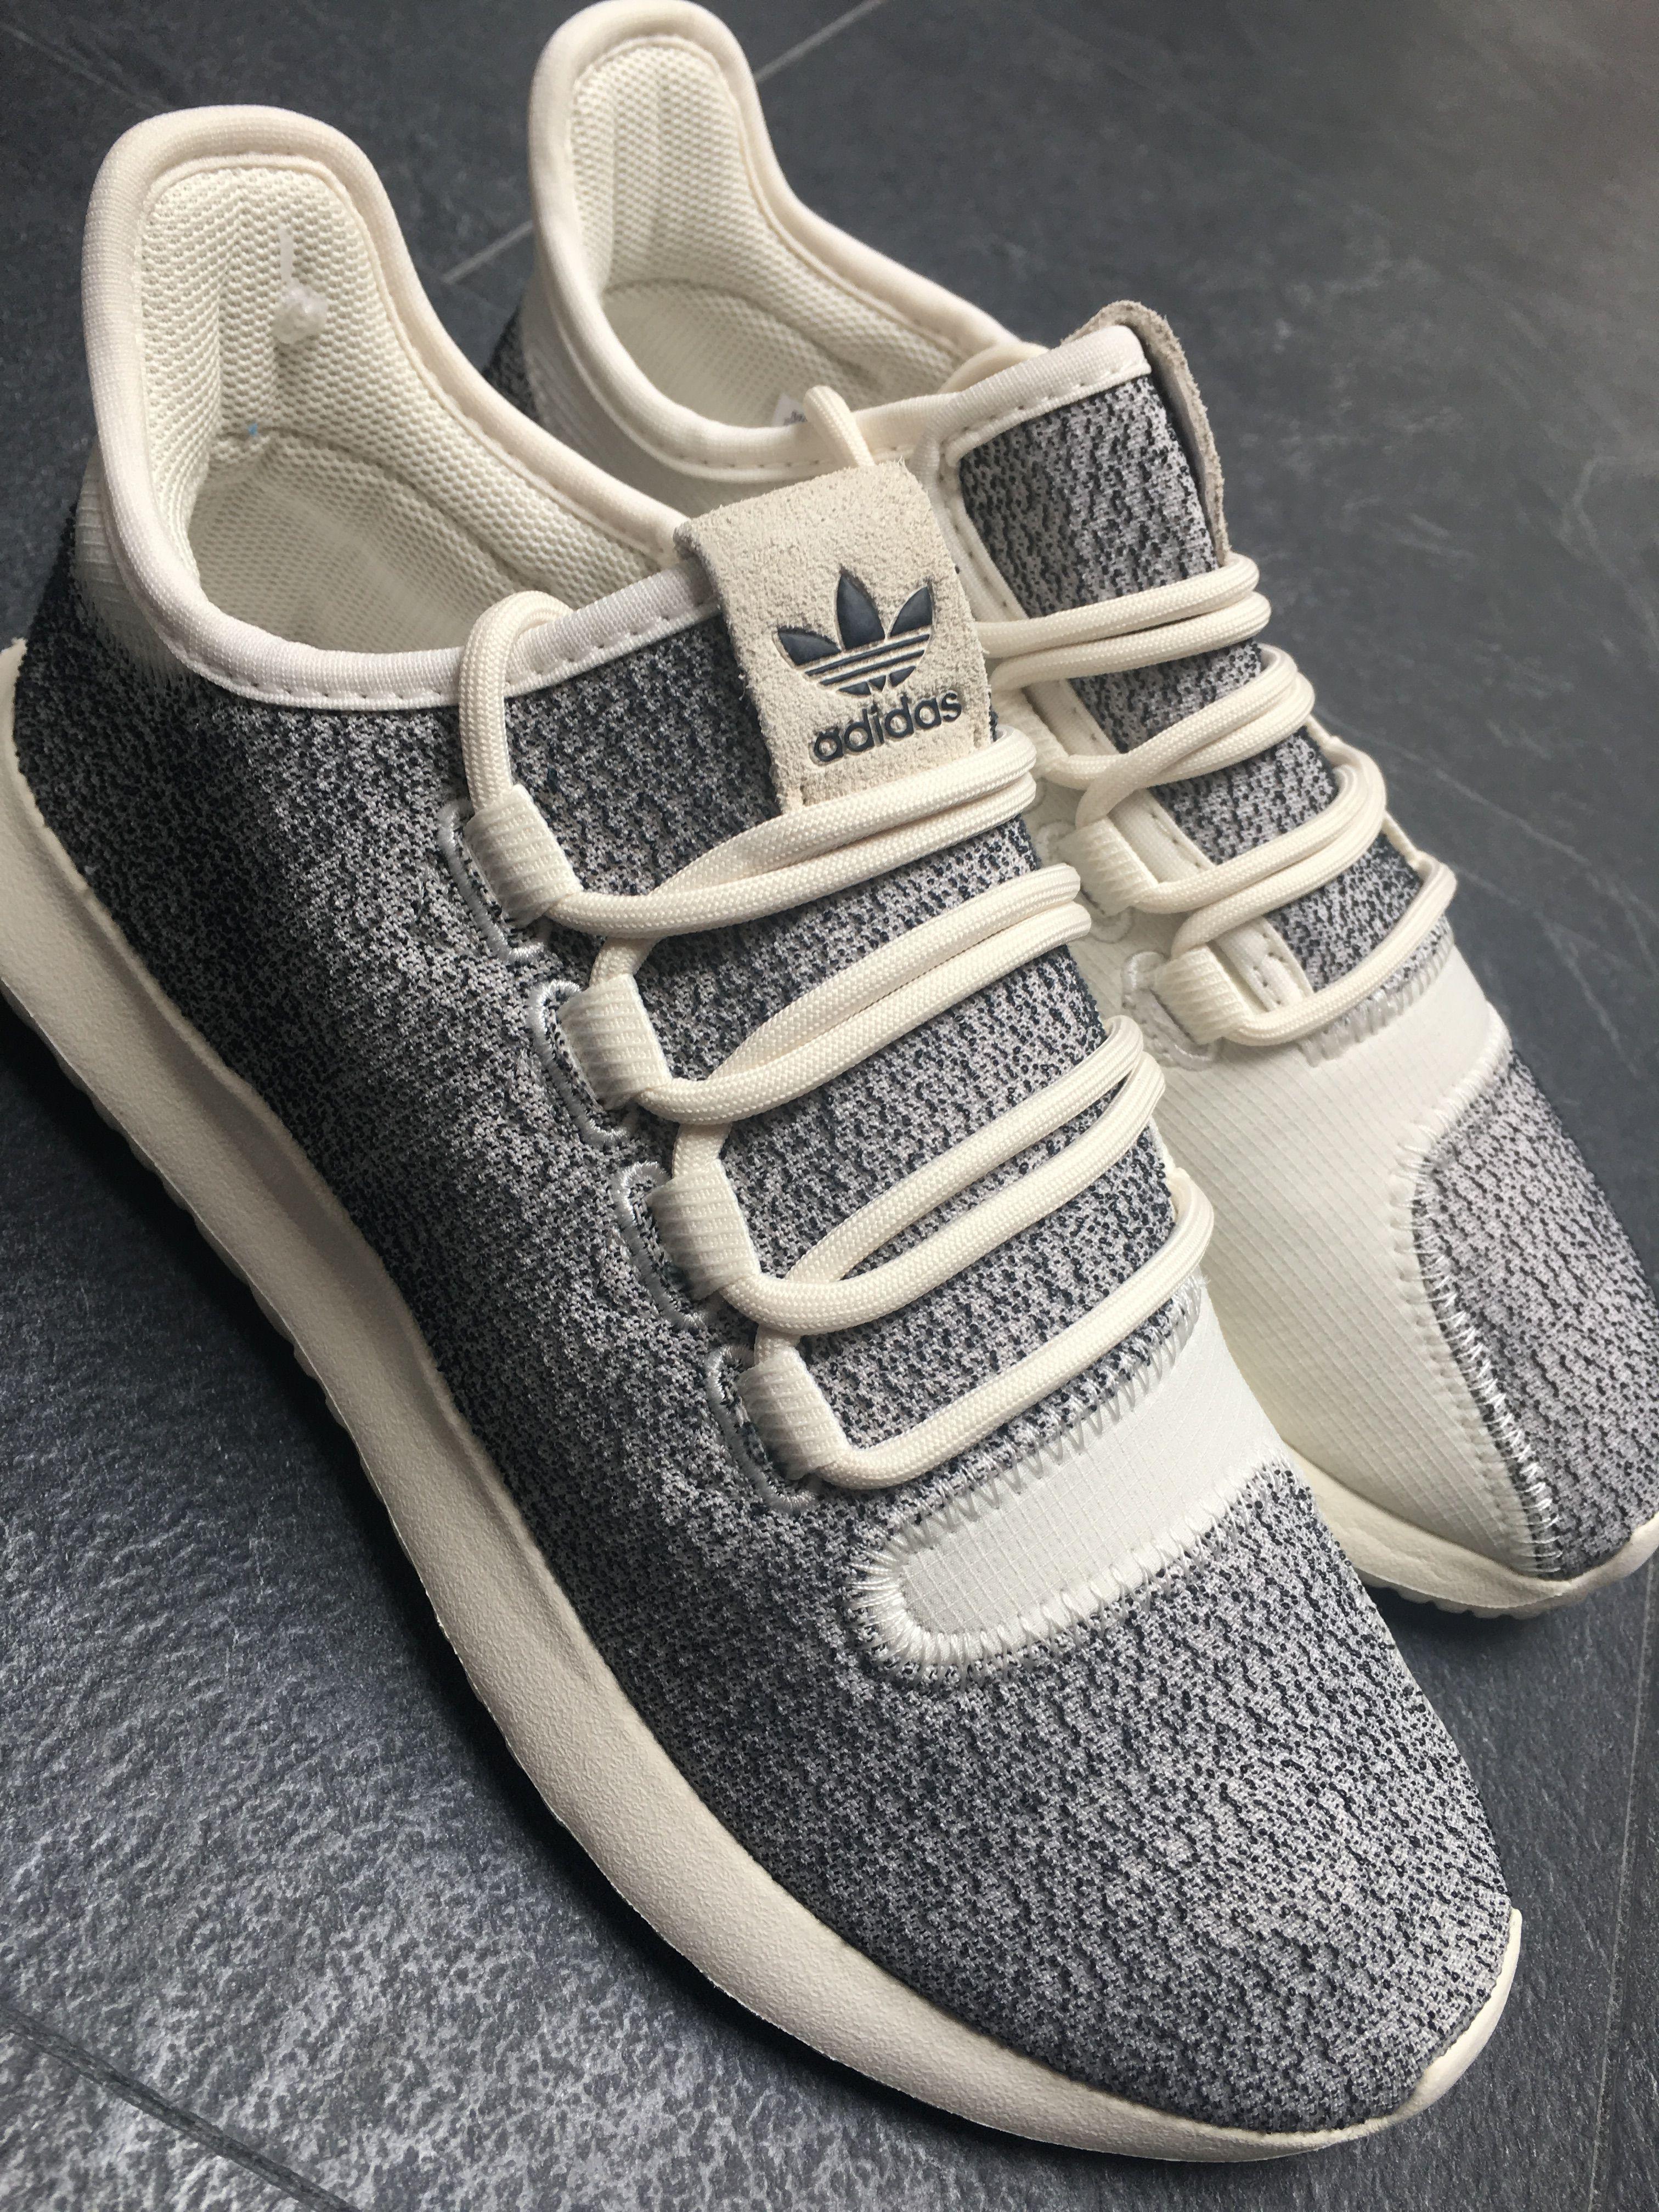 adidas Tubular Defiant Damen Sneaker High schwarz #WMakK